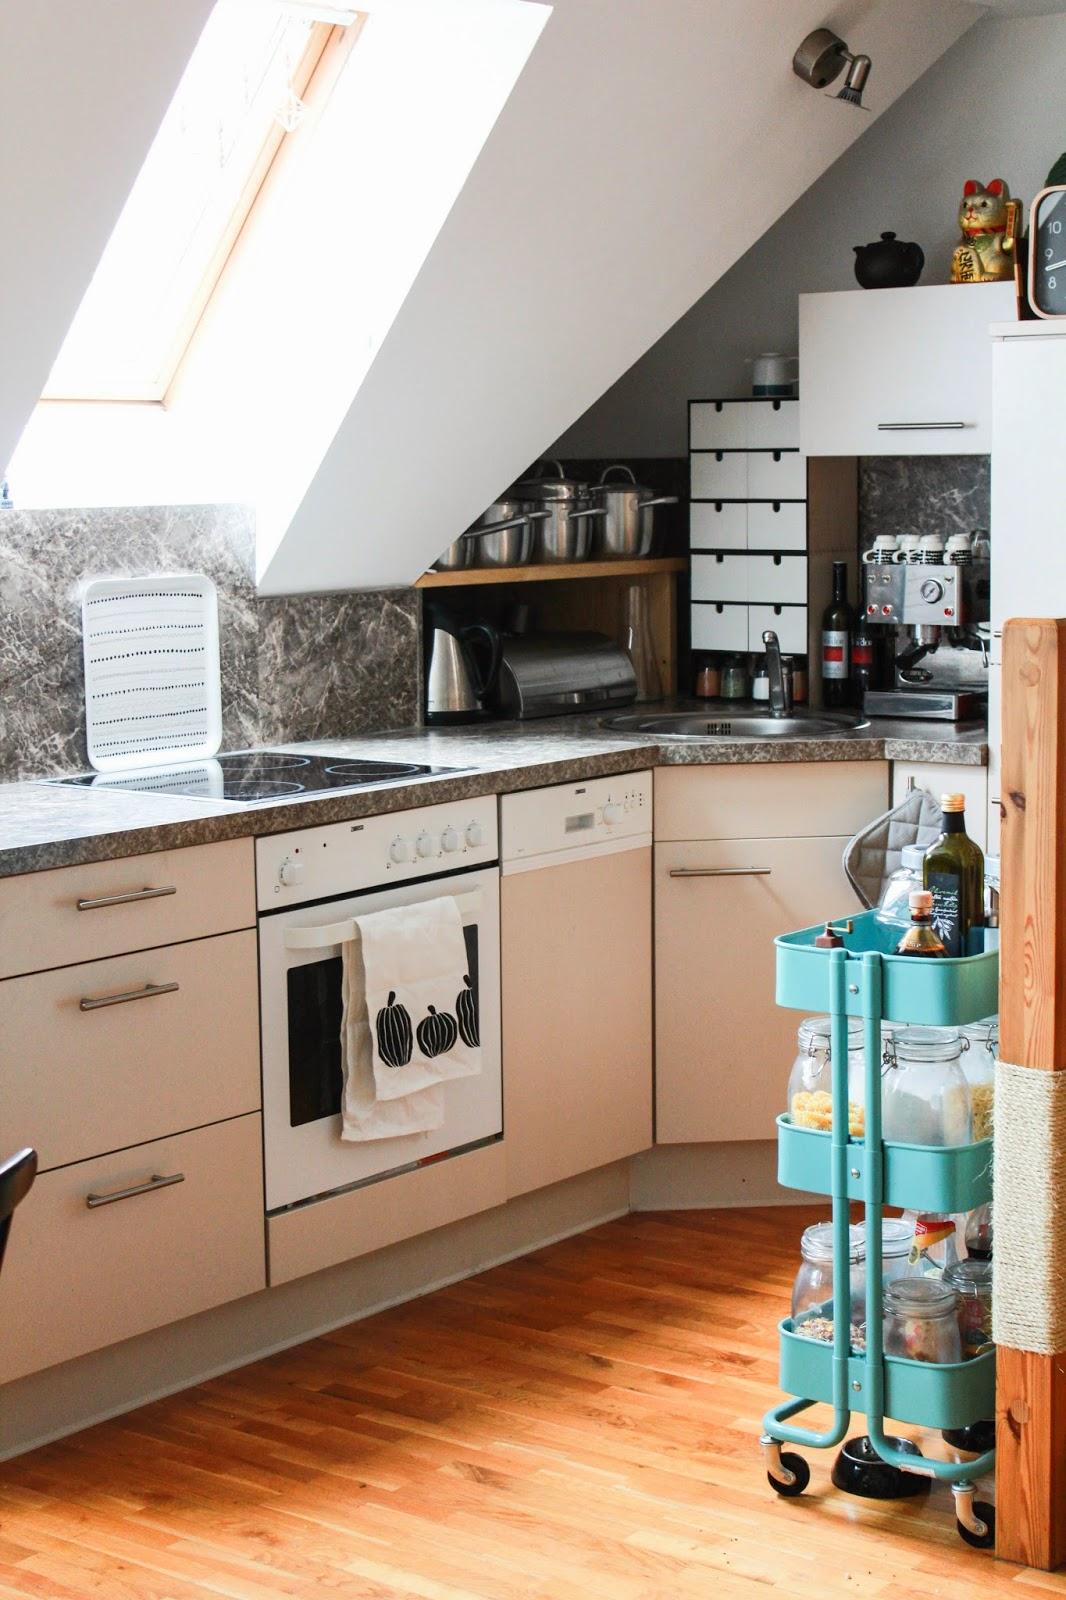 meine k che und diamanten aus stroh diy ach du gute g te. Black Bedroom Furniture Sets. Home Design Ideas